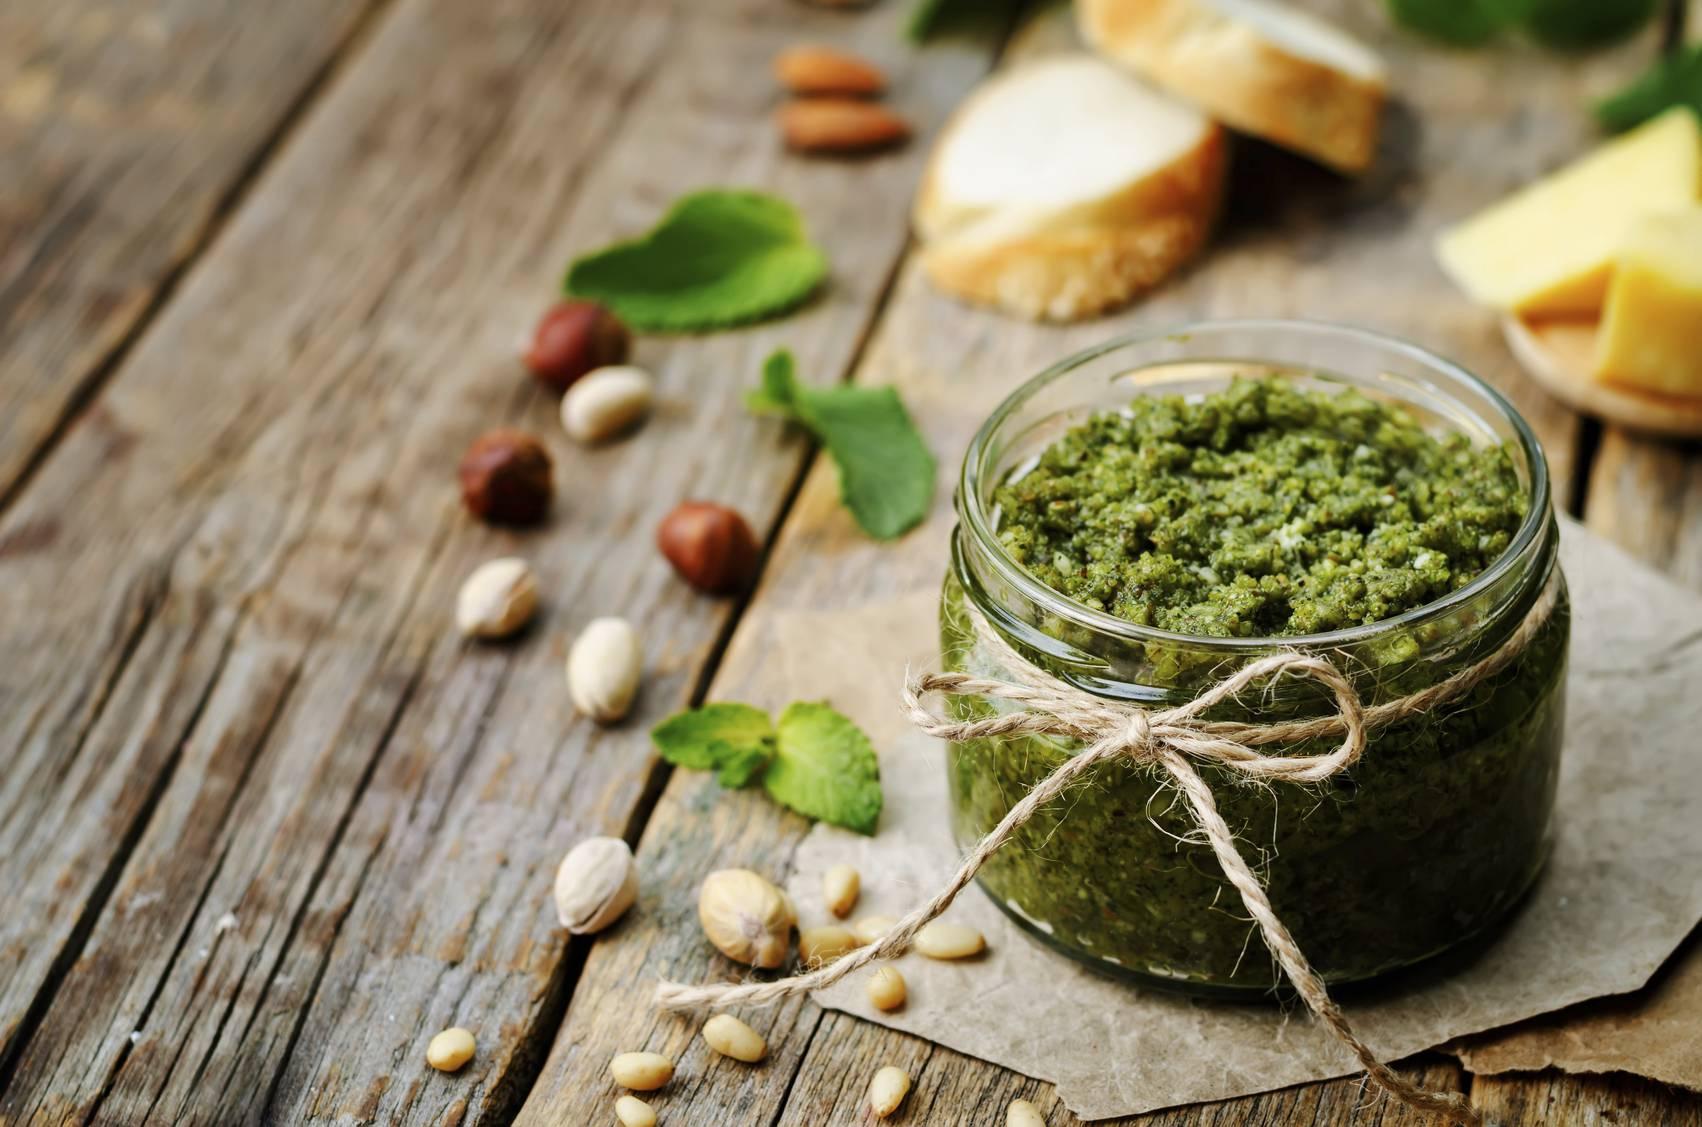 Pesto di pistacchi e zucchine, un condimento gustoso in pochi minuti